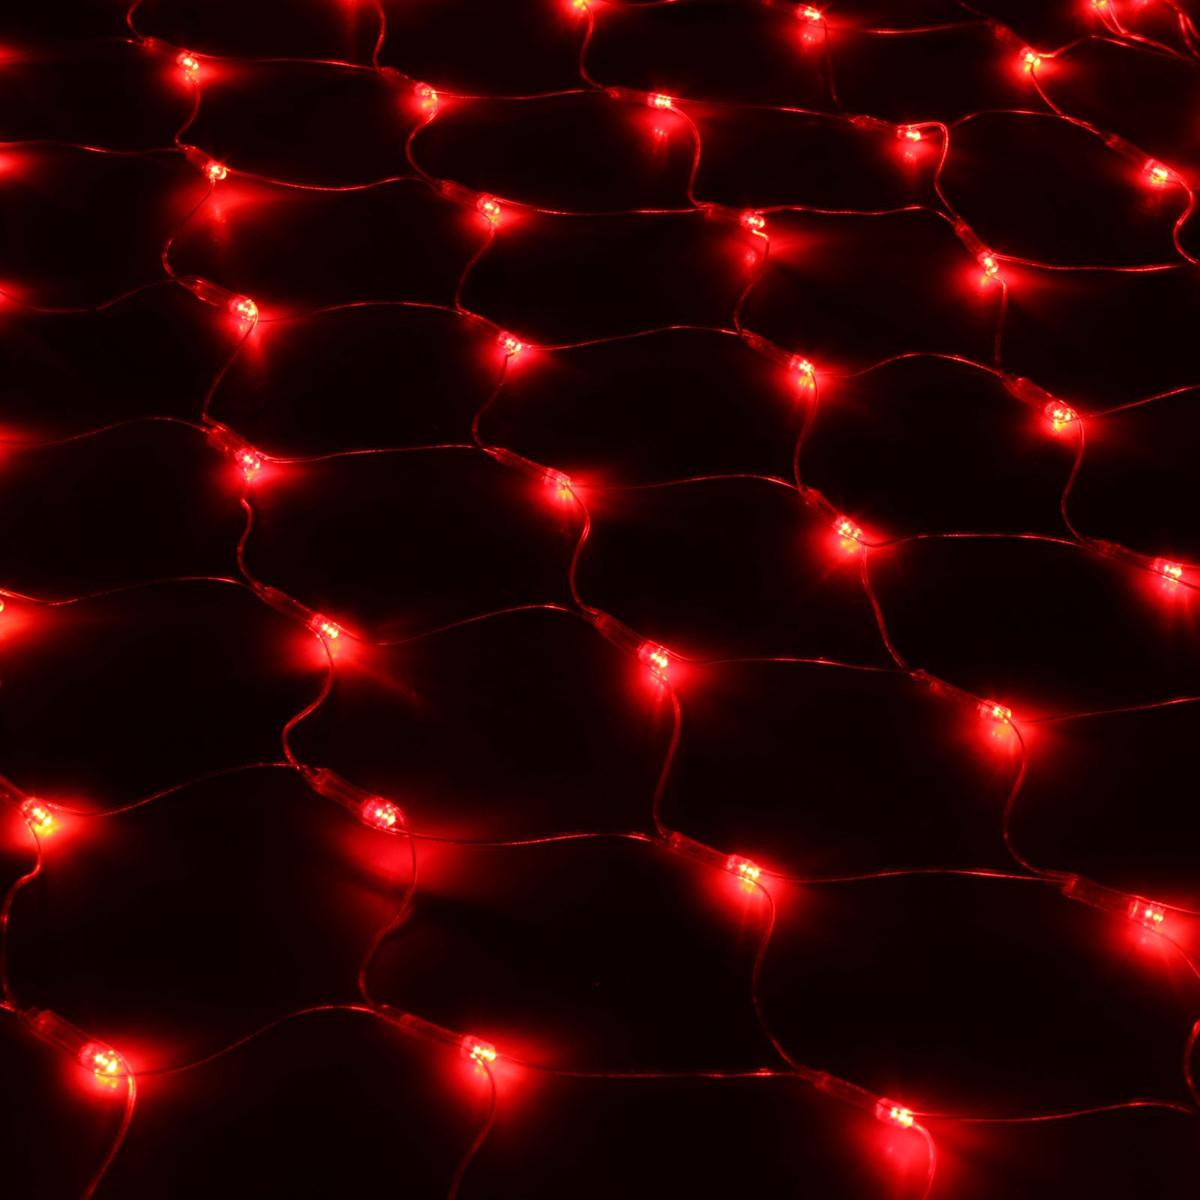 Гирлянда Luazon Сетка, длина 0,9 м, LED 120 ламп, 220V, цвет: красный. 187208187208Светодиодные гирлянды, ленты и т.д — это отличный вариант для новогоднего оформления интерьера или фасада. С их помощью помещение любого размера можно превратить в праздничный зал, а внешние элементы зданий, украшенные ими, мгновенно станут напоминать очертания сказочного дворца. Такие украшения создают ауру предвкушения чуда. Деревья, фасады, витрины, окна и арки будто специально созданы, чтобы вы украсили их светящимися нитями.